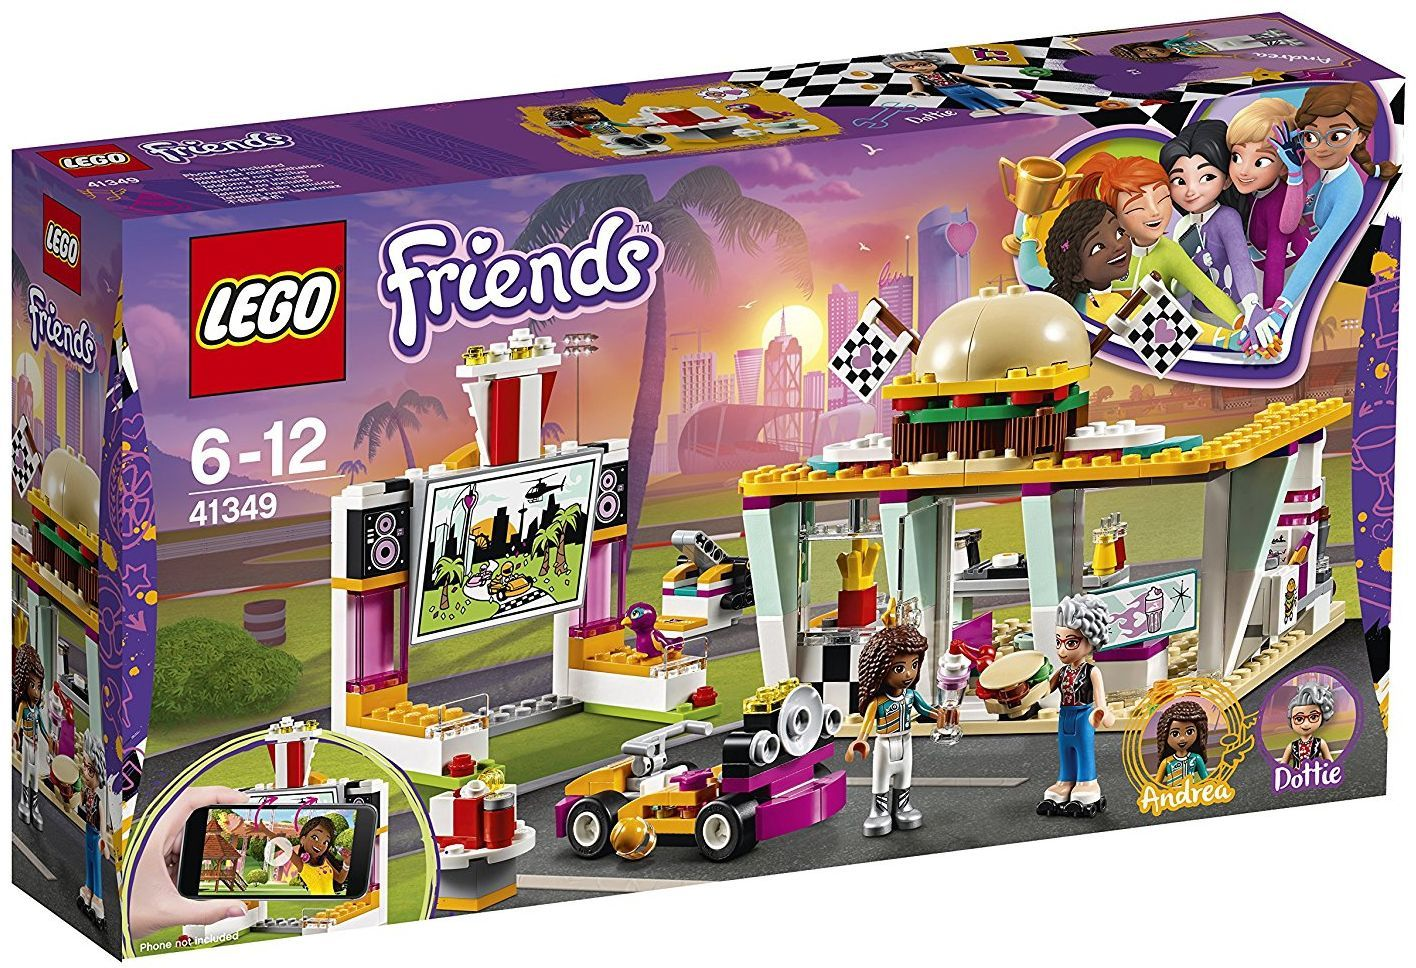 Конструктор Lego Friends - Дрифт вечеря (41349) - 1